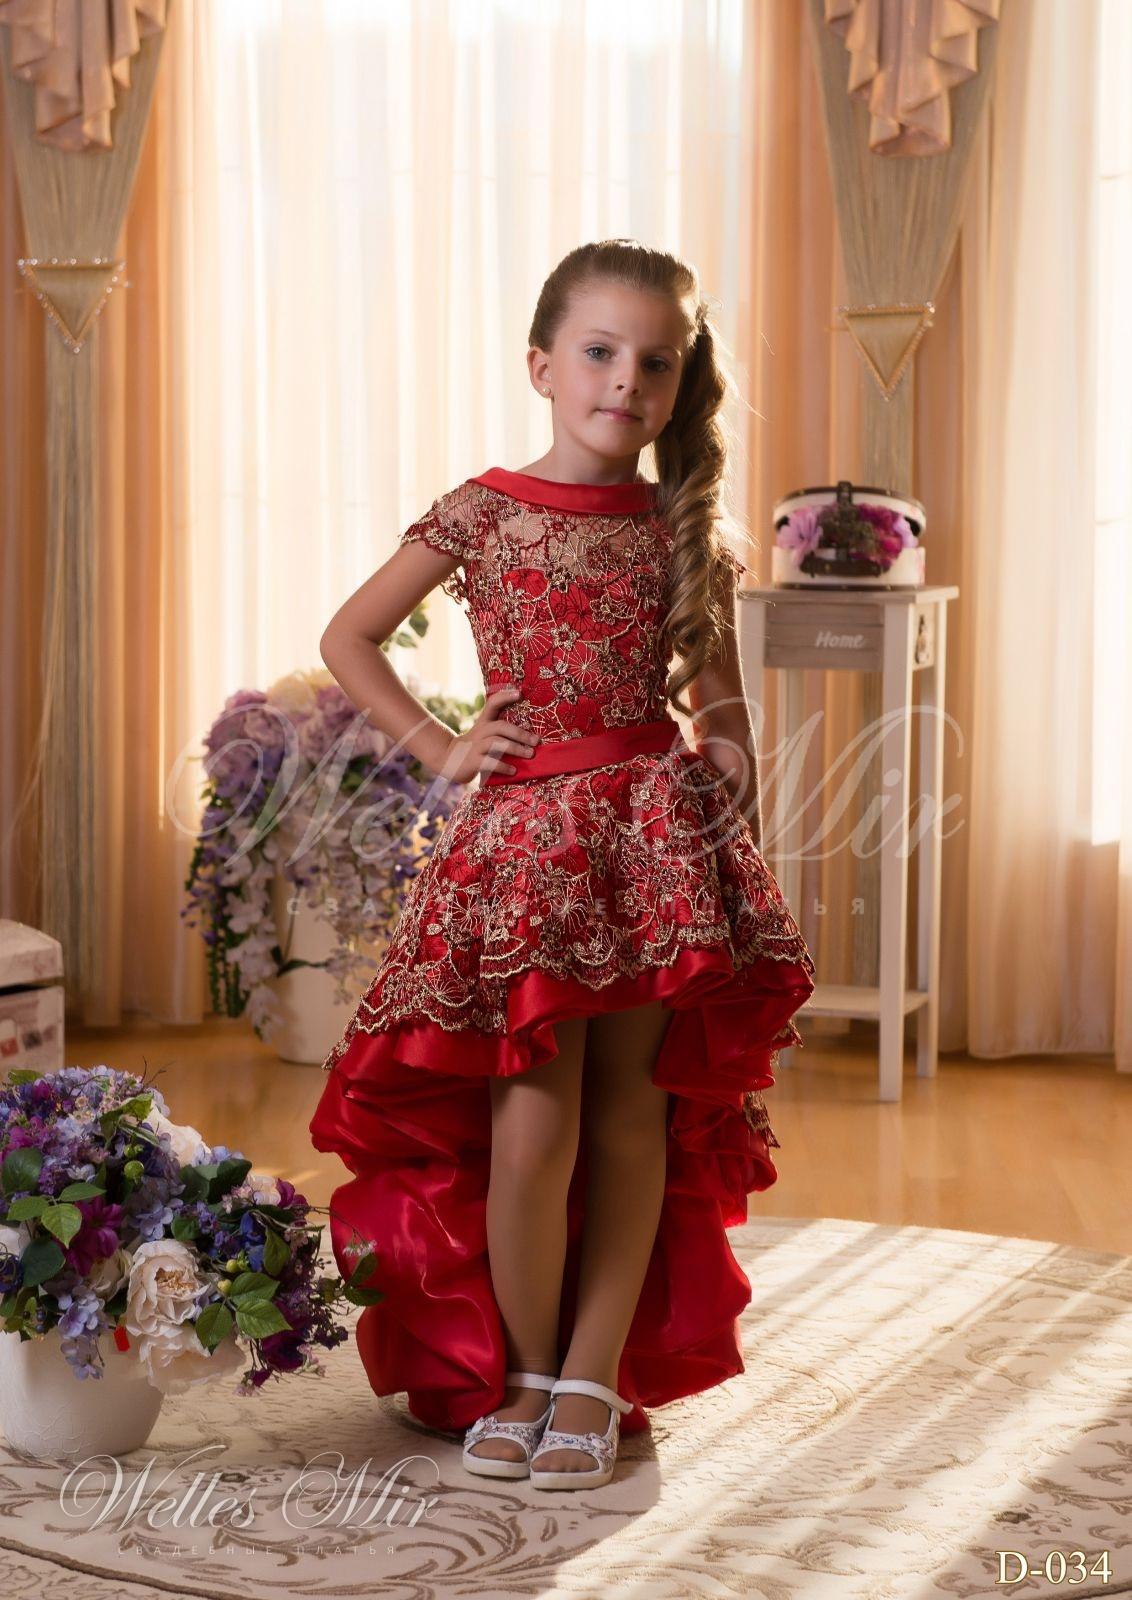 Детские платья Детские платья 2015 - D-034